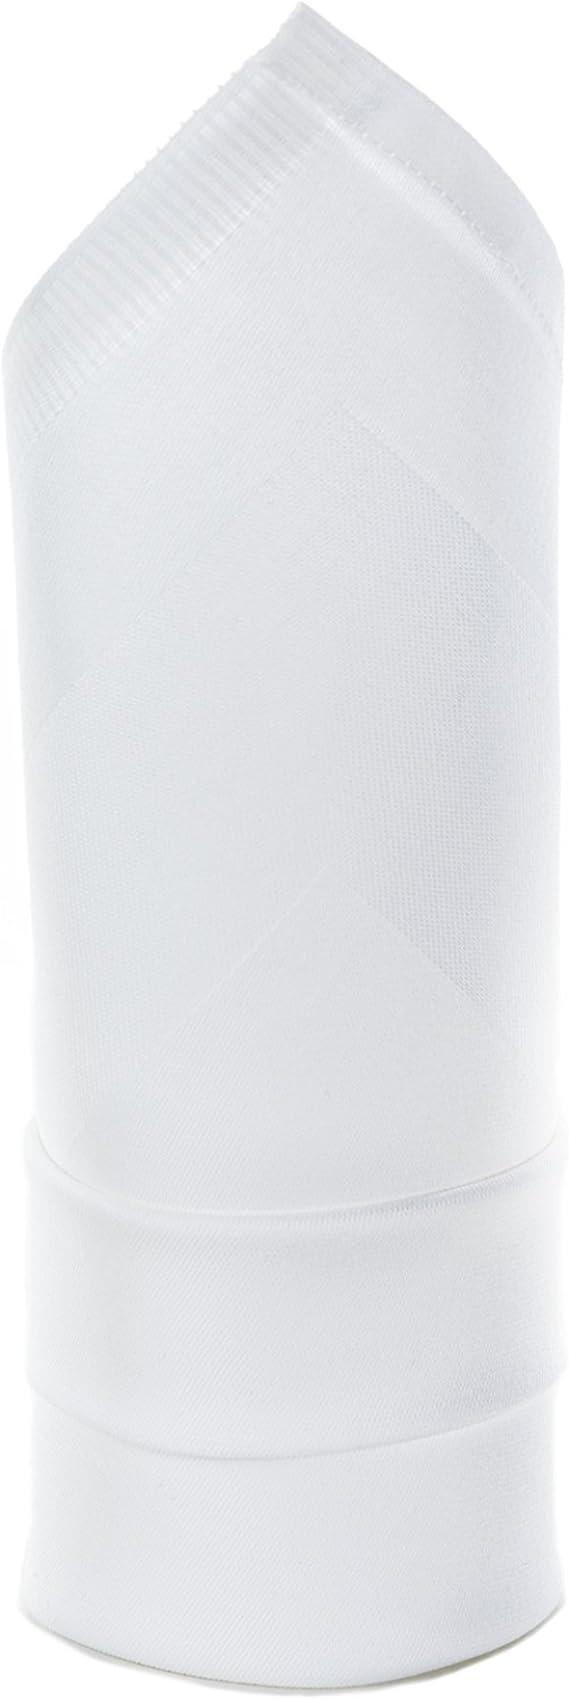 Linen Zone Lot de 12 serviettes de cuisine 40 x 60 cm torchons de bar blanc moutarde et noir 40 x 60 cm 100 /% coton fil/é /à anneaux torchons de cuisine doux et tr/ès absorbants